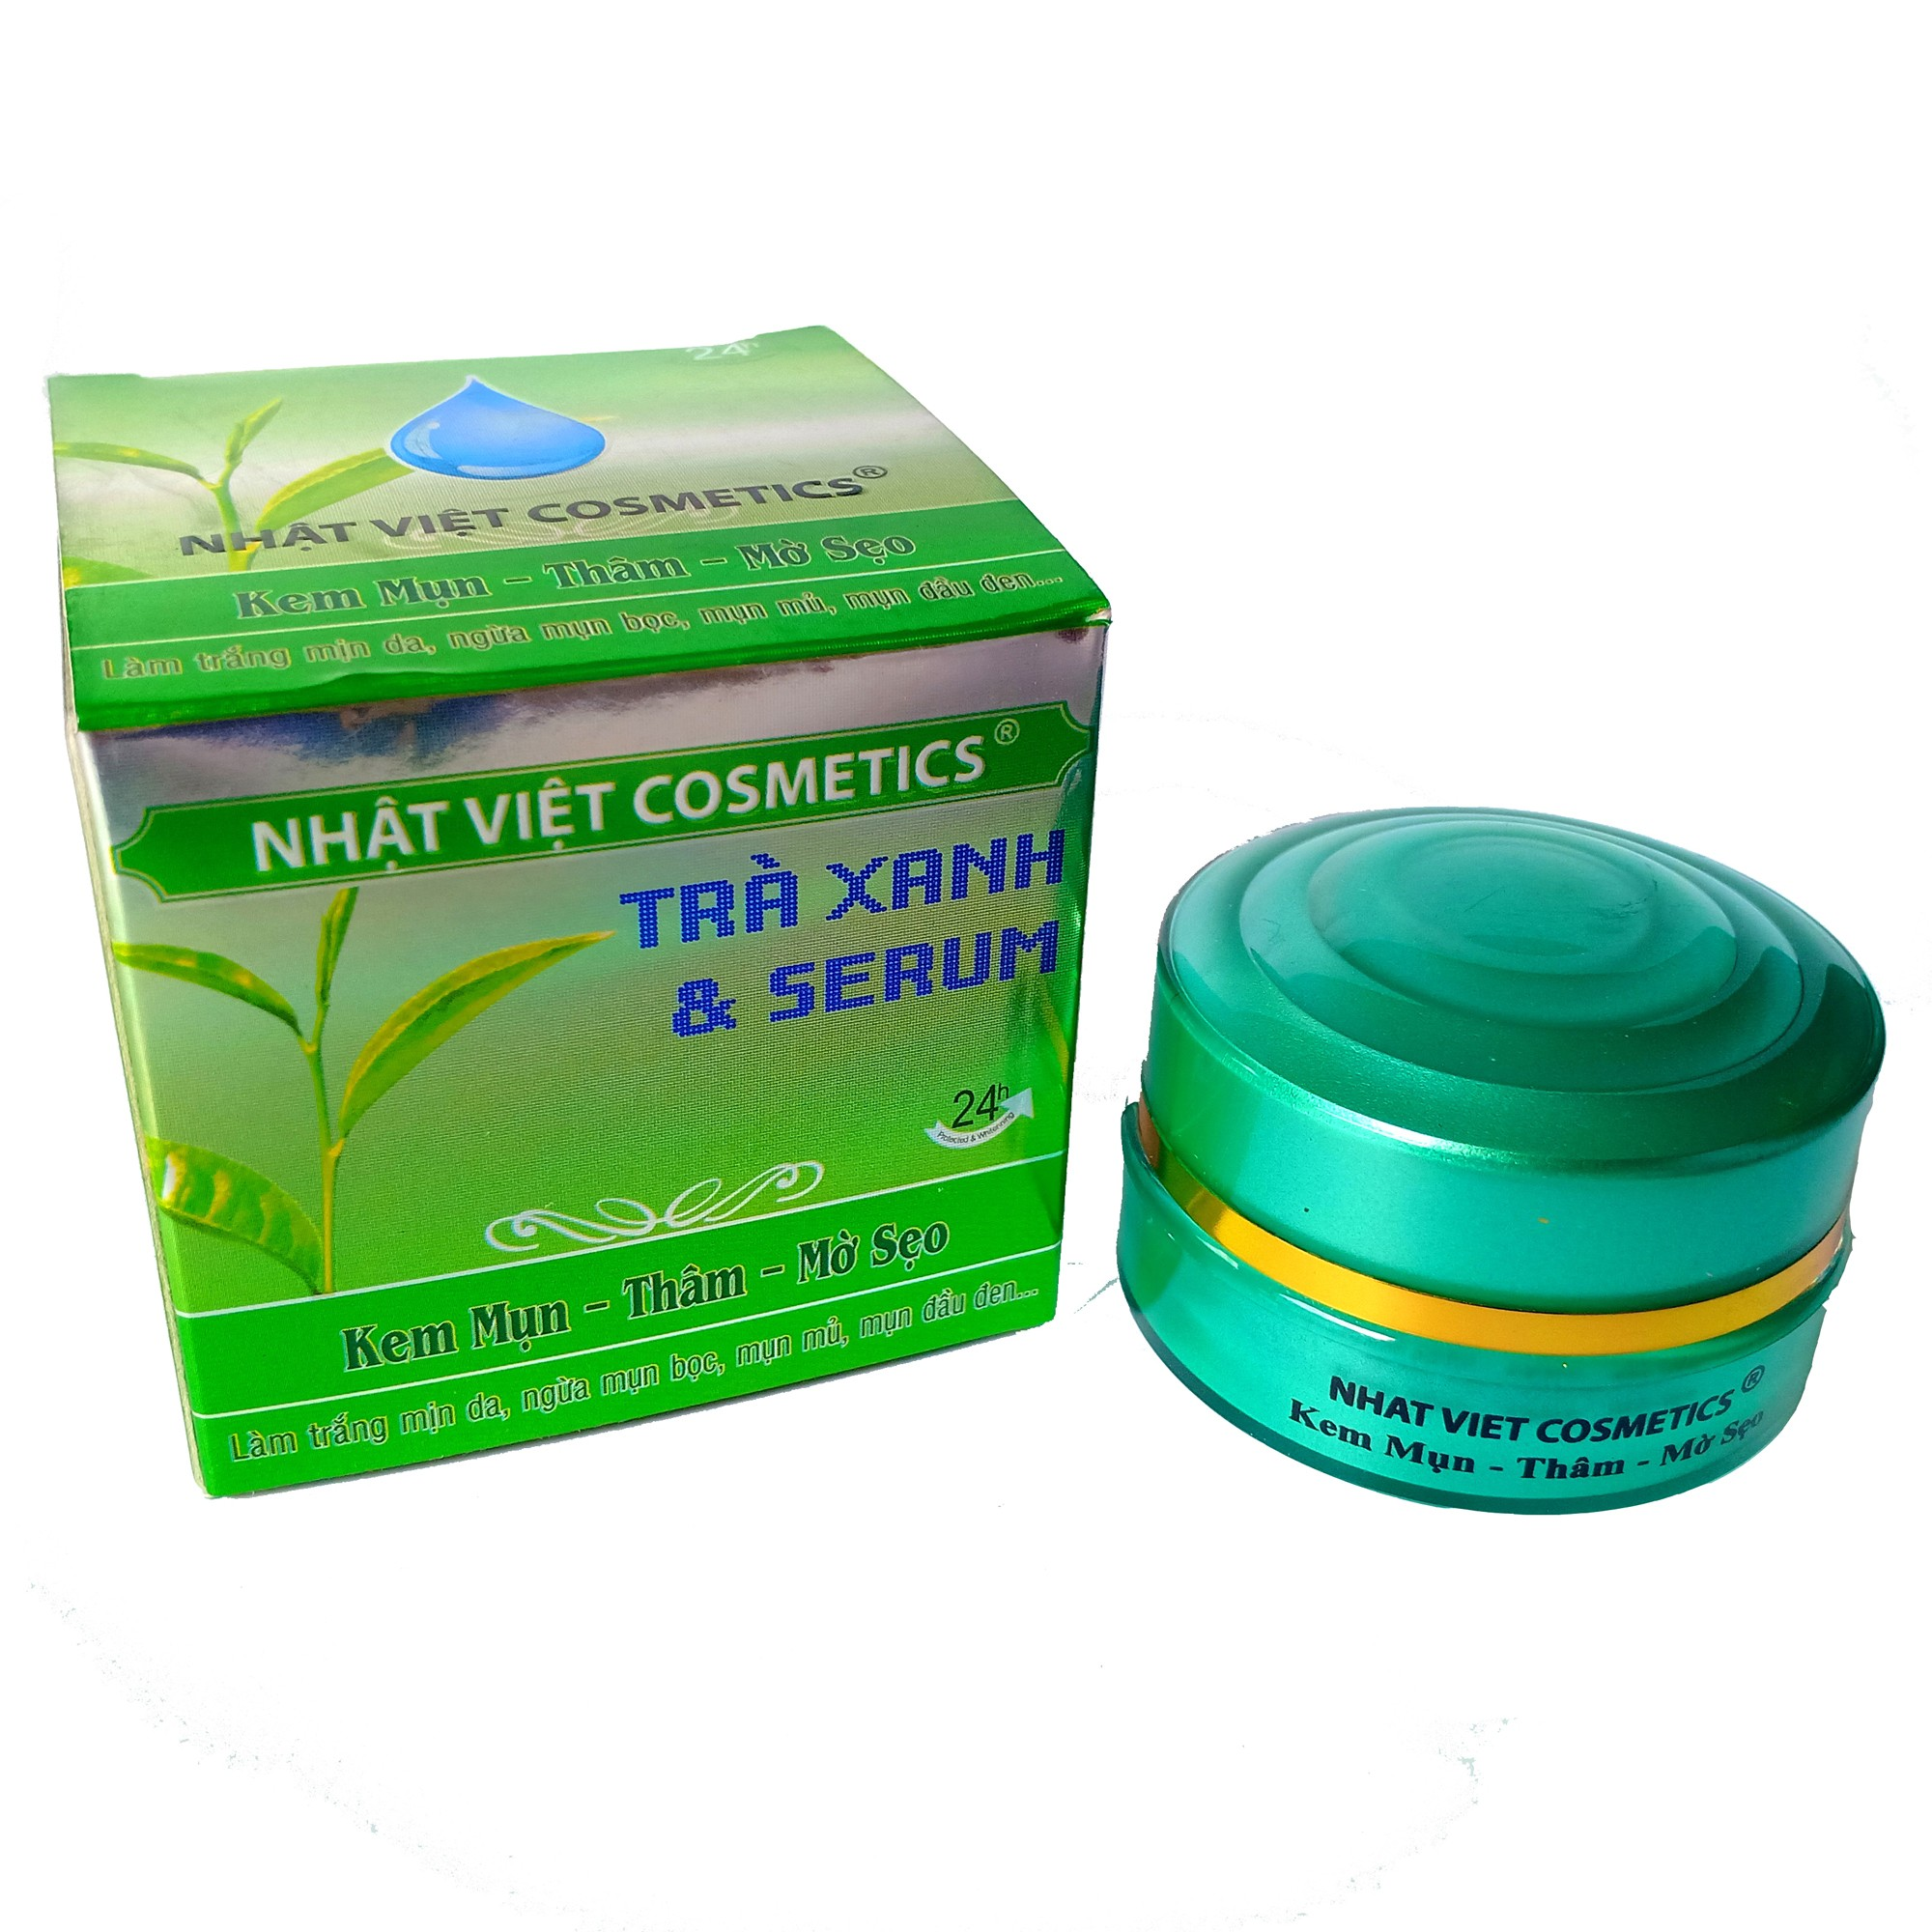 Kem mụn - Thâm - Mờ sẹo  10g  -  Nhật Việt Trà xanh